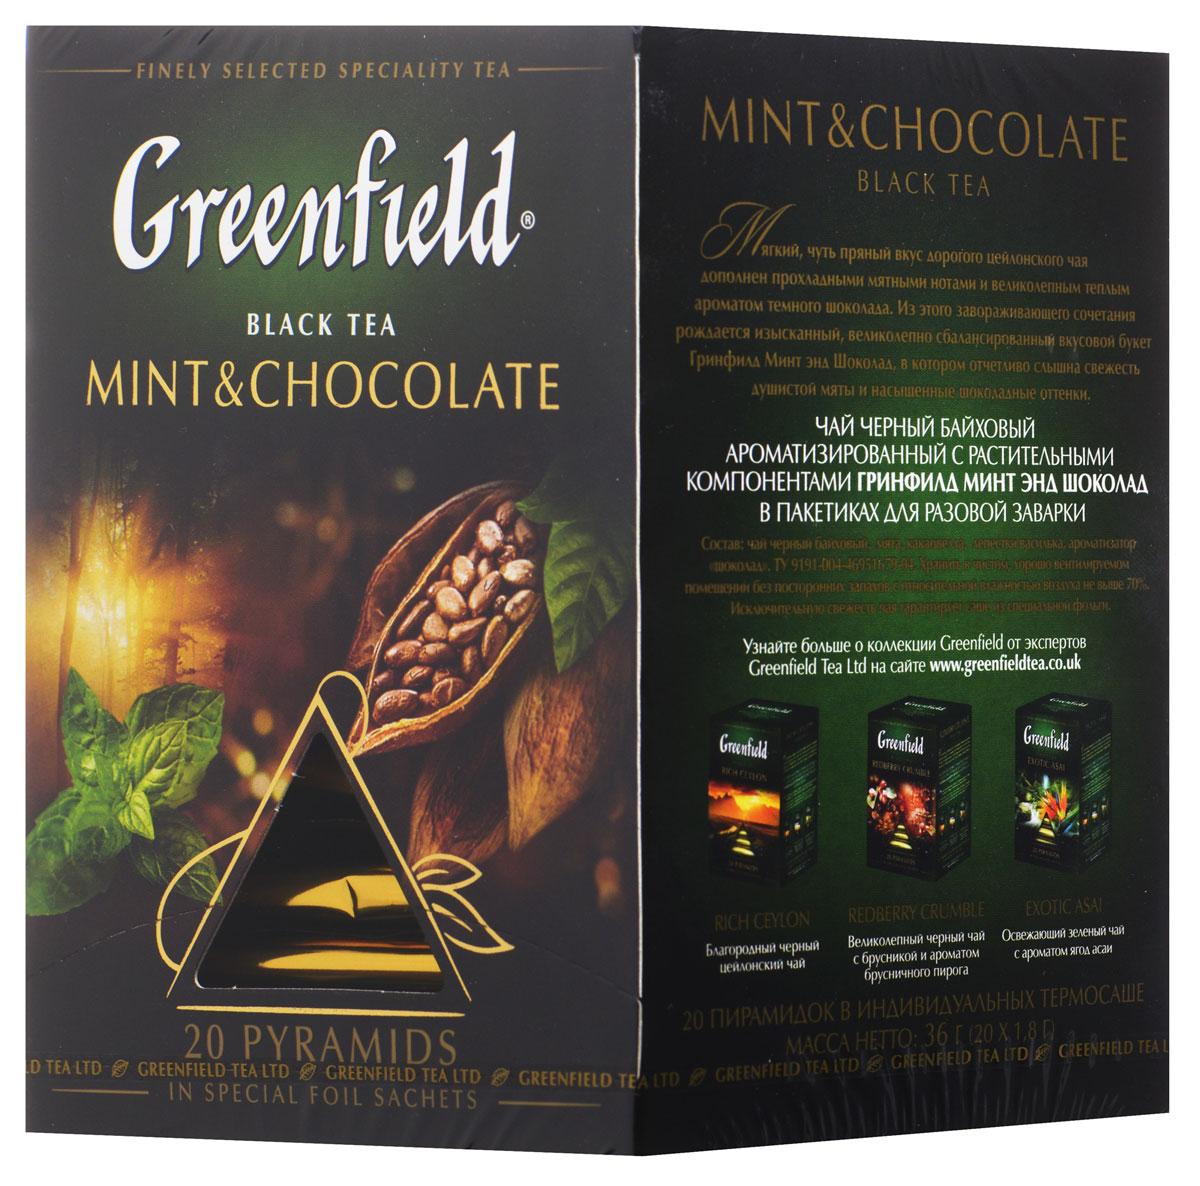 Greenfield Mint & Chocolate черный чай в пирамидках, 20 шт1135-08Мягкий, чуть пряный вкус дорогого цейлонского чая Greenfield Mint & Chocolate дополнен прохладными мятными нотами и великолепным теплым ароматом темного шоколада. Из этого завораживающего сочетания рождается изысканный, великолепно сбалансированный вкусовой букет, в котором отчетливо слышна свежесть душистой мяты и насыщенные шоколадные оттенки.